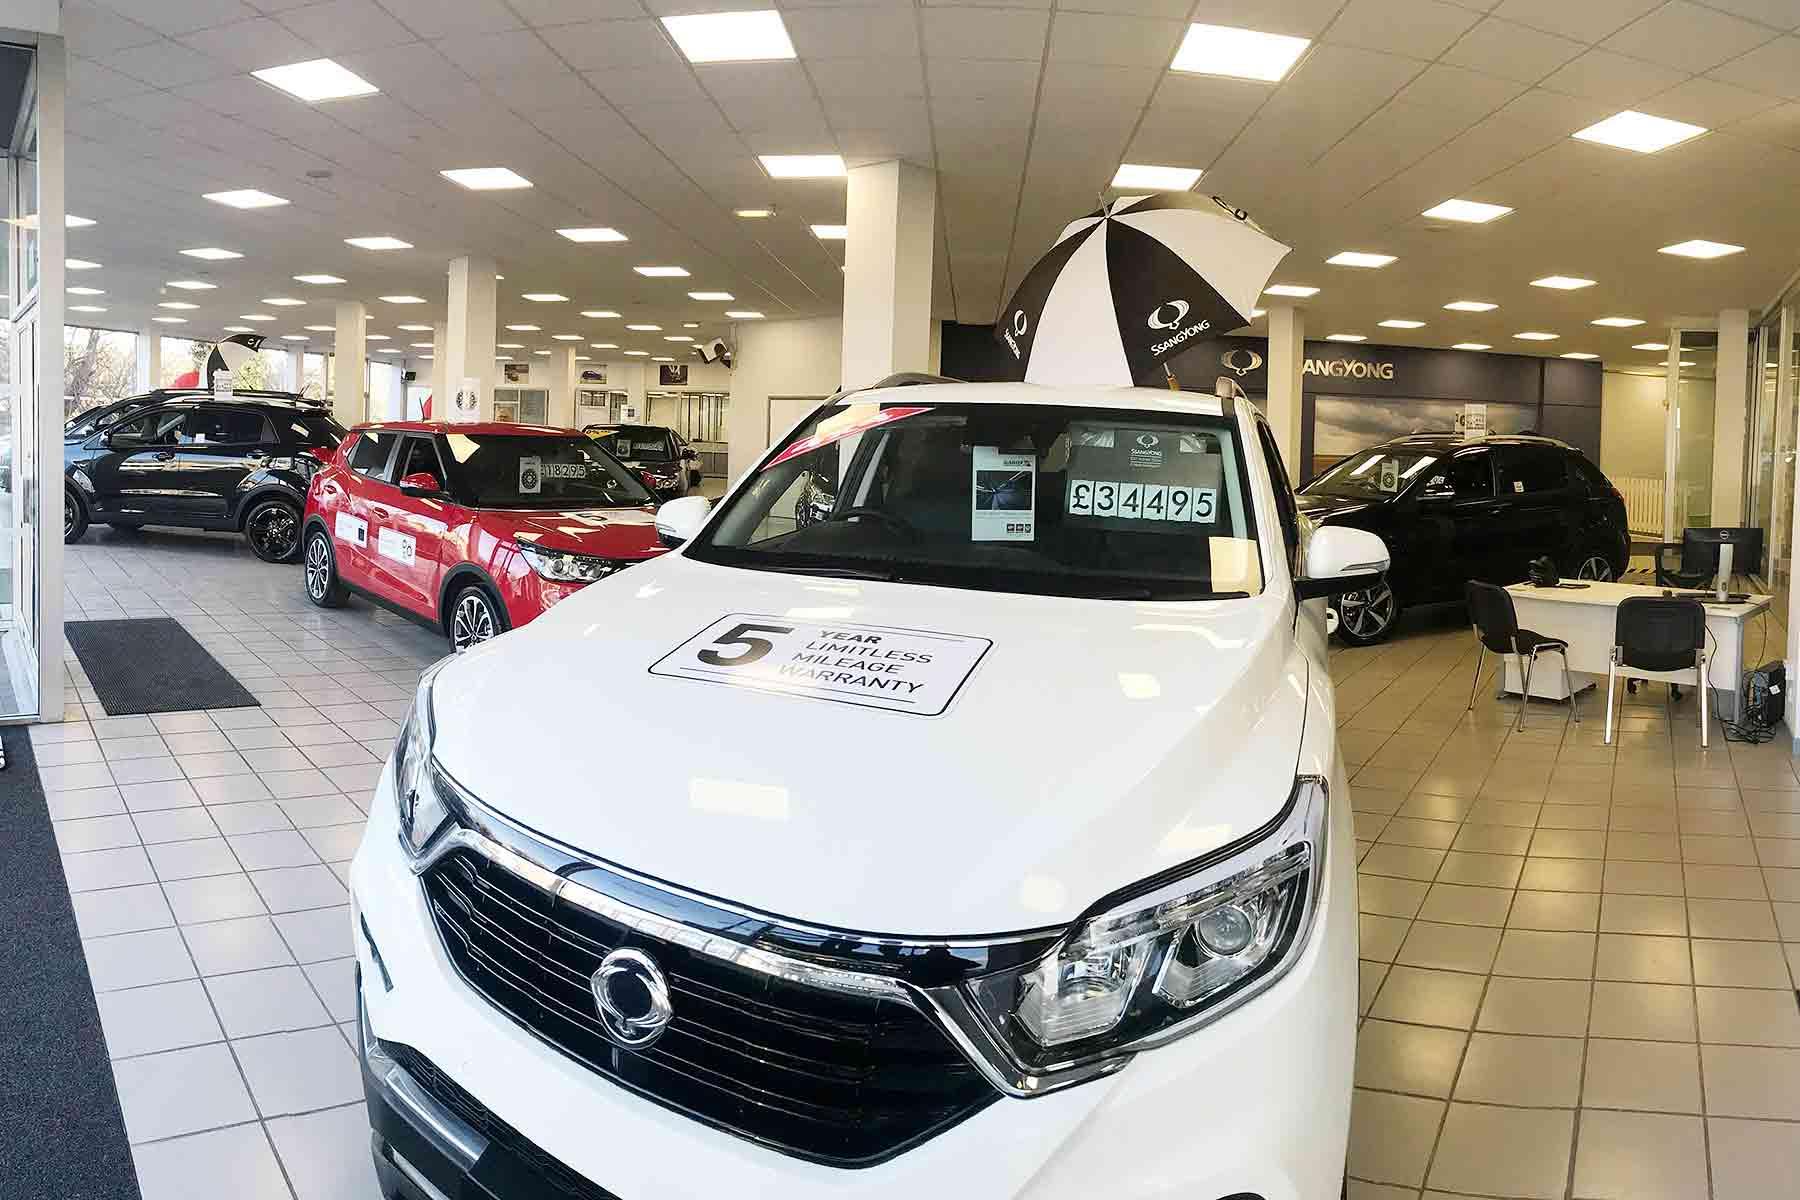 New car registrations improve in April 2018